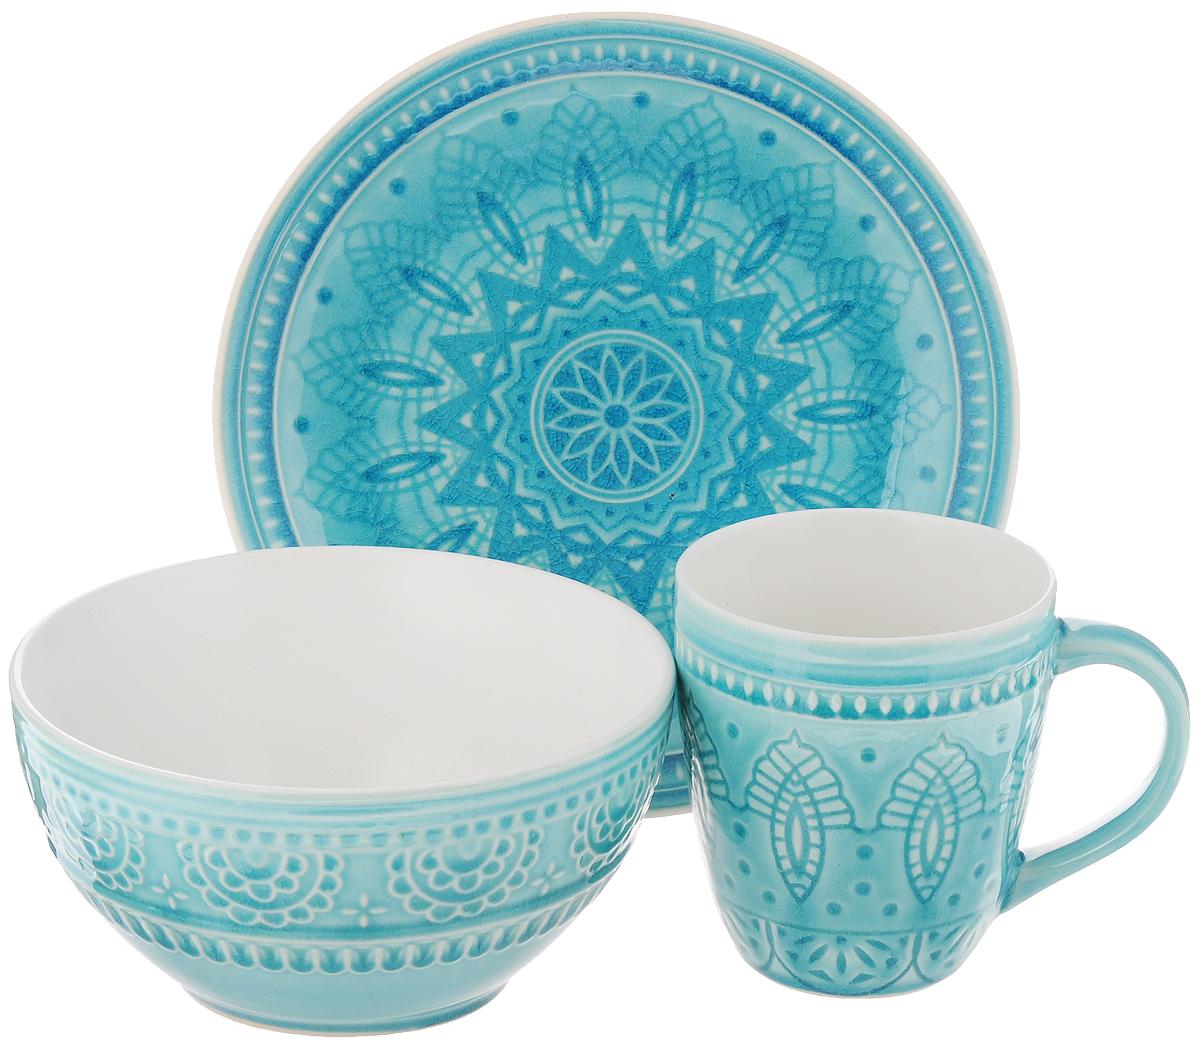 Набор столовой посуды Tongo, цвет: голубой, 3 предметаS-03 b TongoНабор столовой посуды Tongo состоит из салатника, кружки, десертной тарелки. Изделия выполнены из экологически чистой каменной керамики, покрытой сверкающей глазурью. Посуда оформлена изысканным рельефным орнаментом. Поверхность слегка потрескавшаяся, что придает изделию оттенок старины. Такой набор посуды прекрасно подходит как для торжественных случаев, так и для повседневного использования. Стильный дизайн изящно украсит сервировку стола. Можно использовать в посудомоечной машине и микроволновой печи. Диаметр десертной тарелки: 20,5 см. Объем салатника: 800 мл. Диаметр салатника (по верхнему краю): 16 см. Высота салатника: 8 см. Объем кружки: 350 мл. Диаметр кружки (по верхнему краю): 9 см. Высота кружки: 10 см.